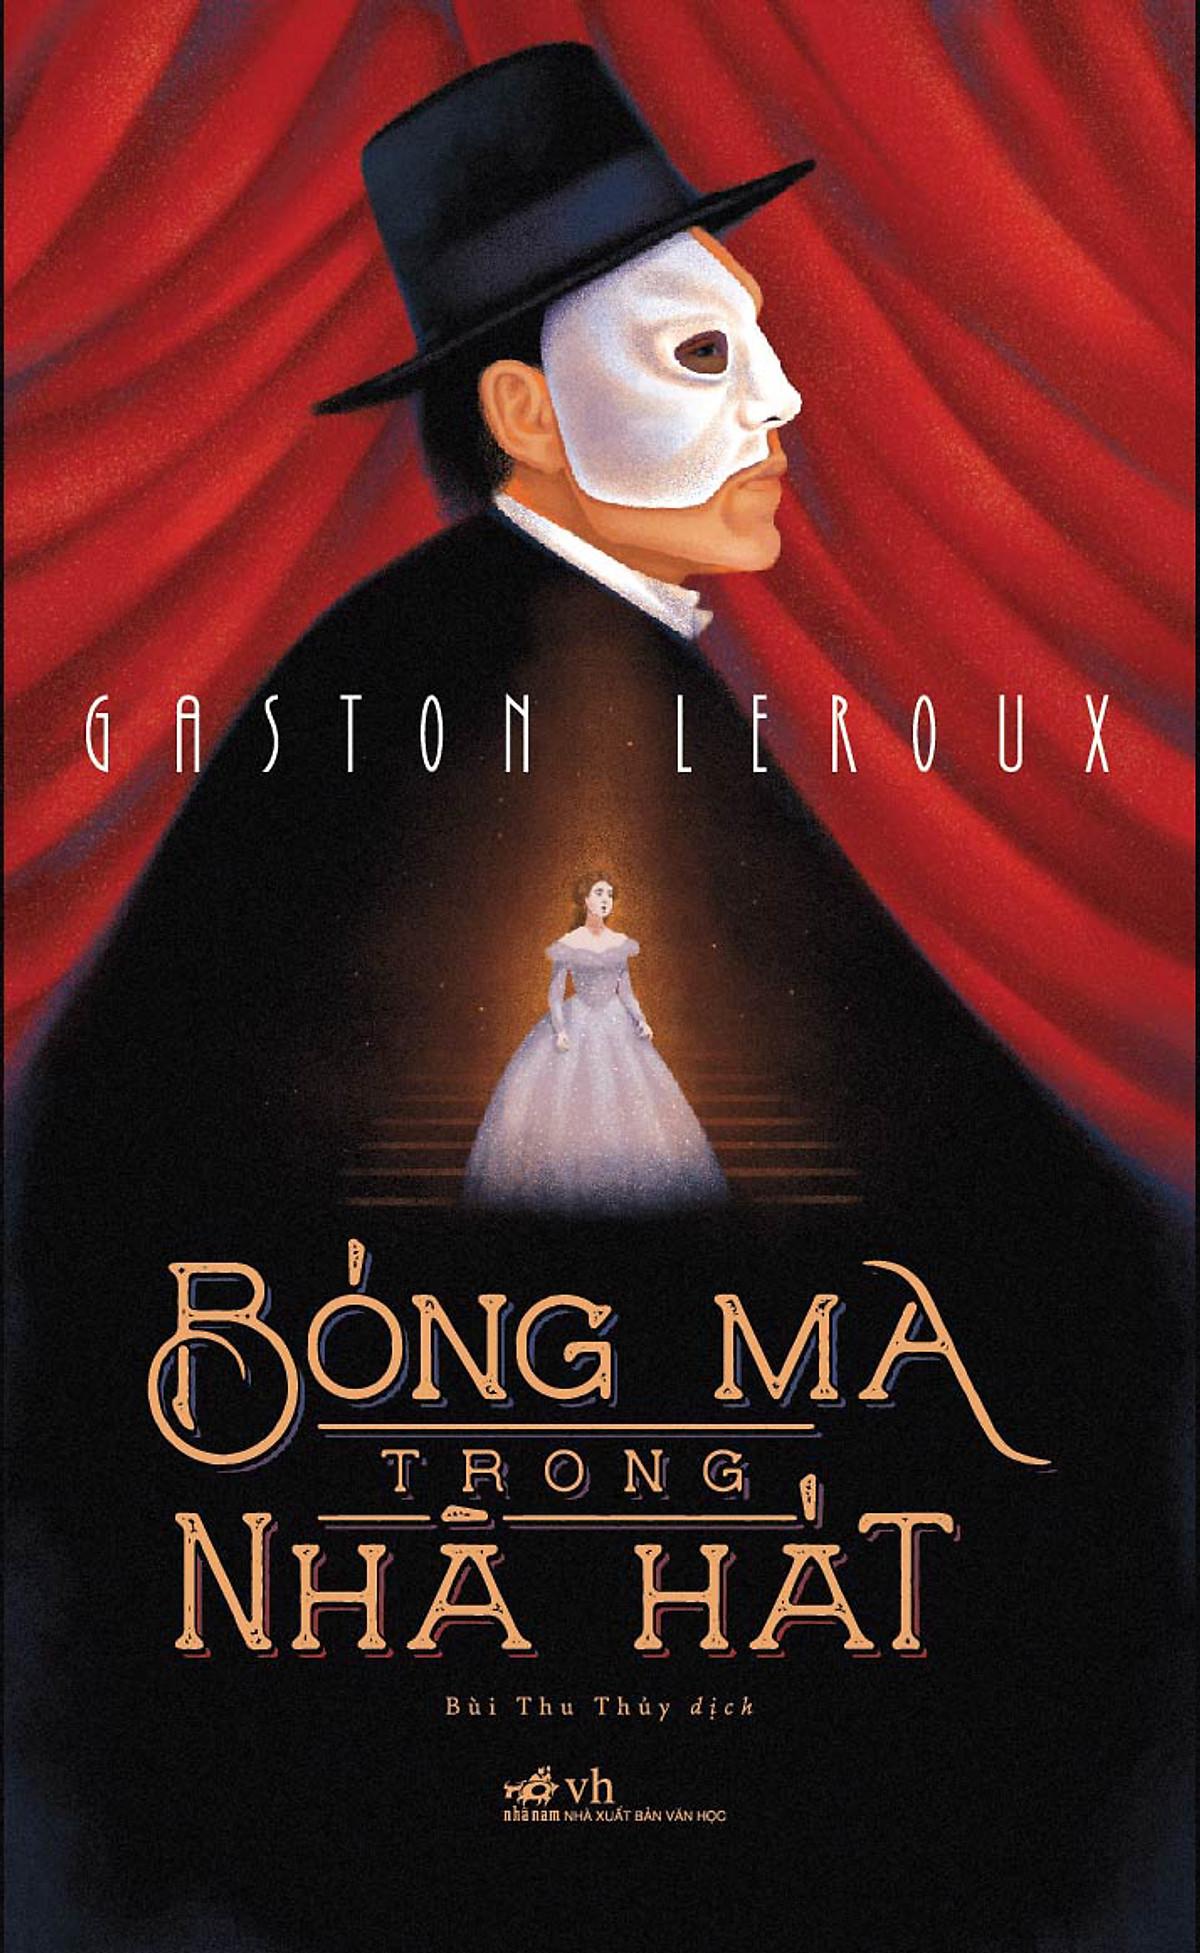 Bóng ma trong nhà hát - Gaston Leroux